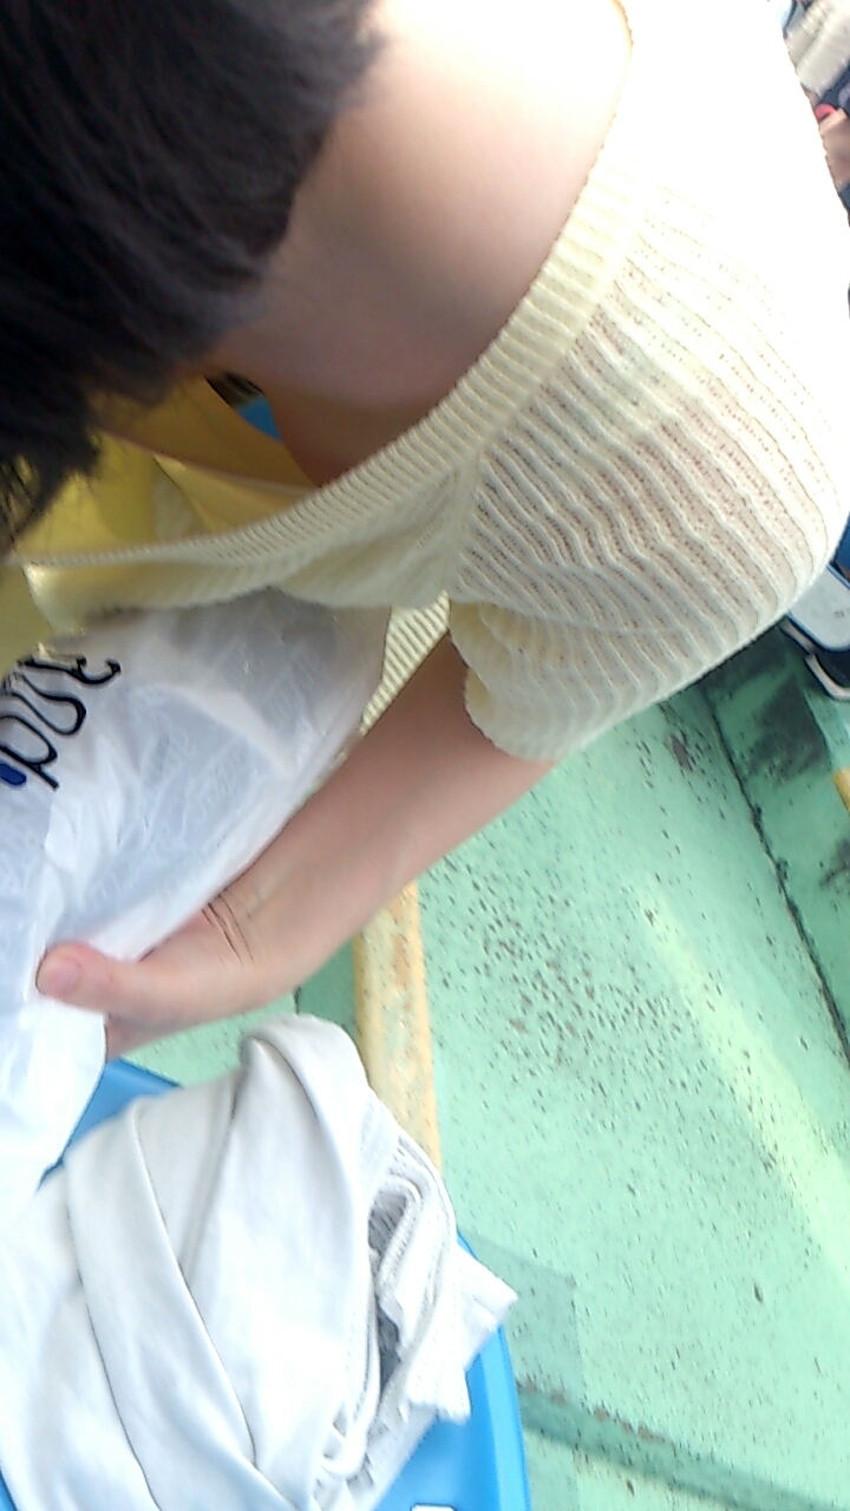 【貧乳胸チラエロ画像】貧乳だからこそ見える前かがみ胸チラ!!服やブラがスカスカで乳首まで見えてる貧乳胸チラのエロ画像集!ww【80枚】 61